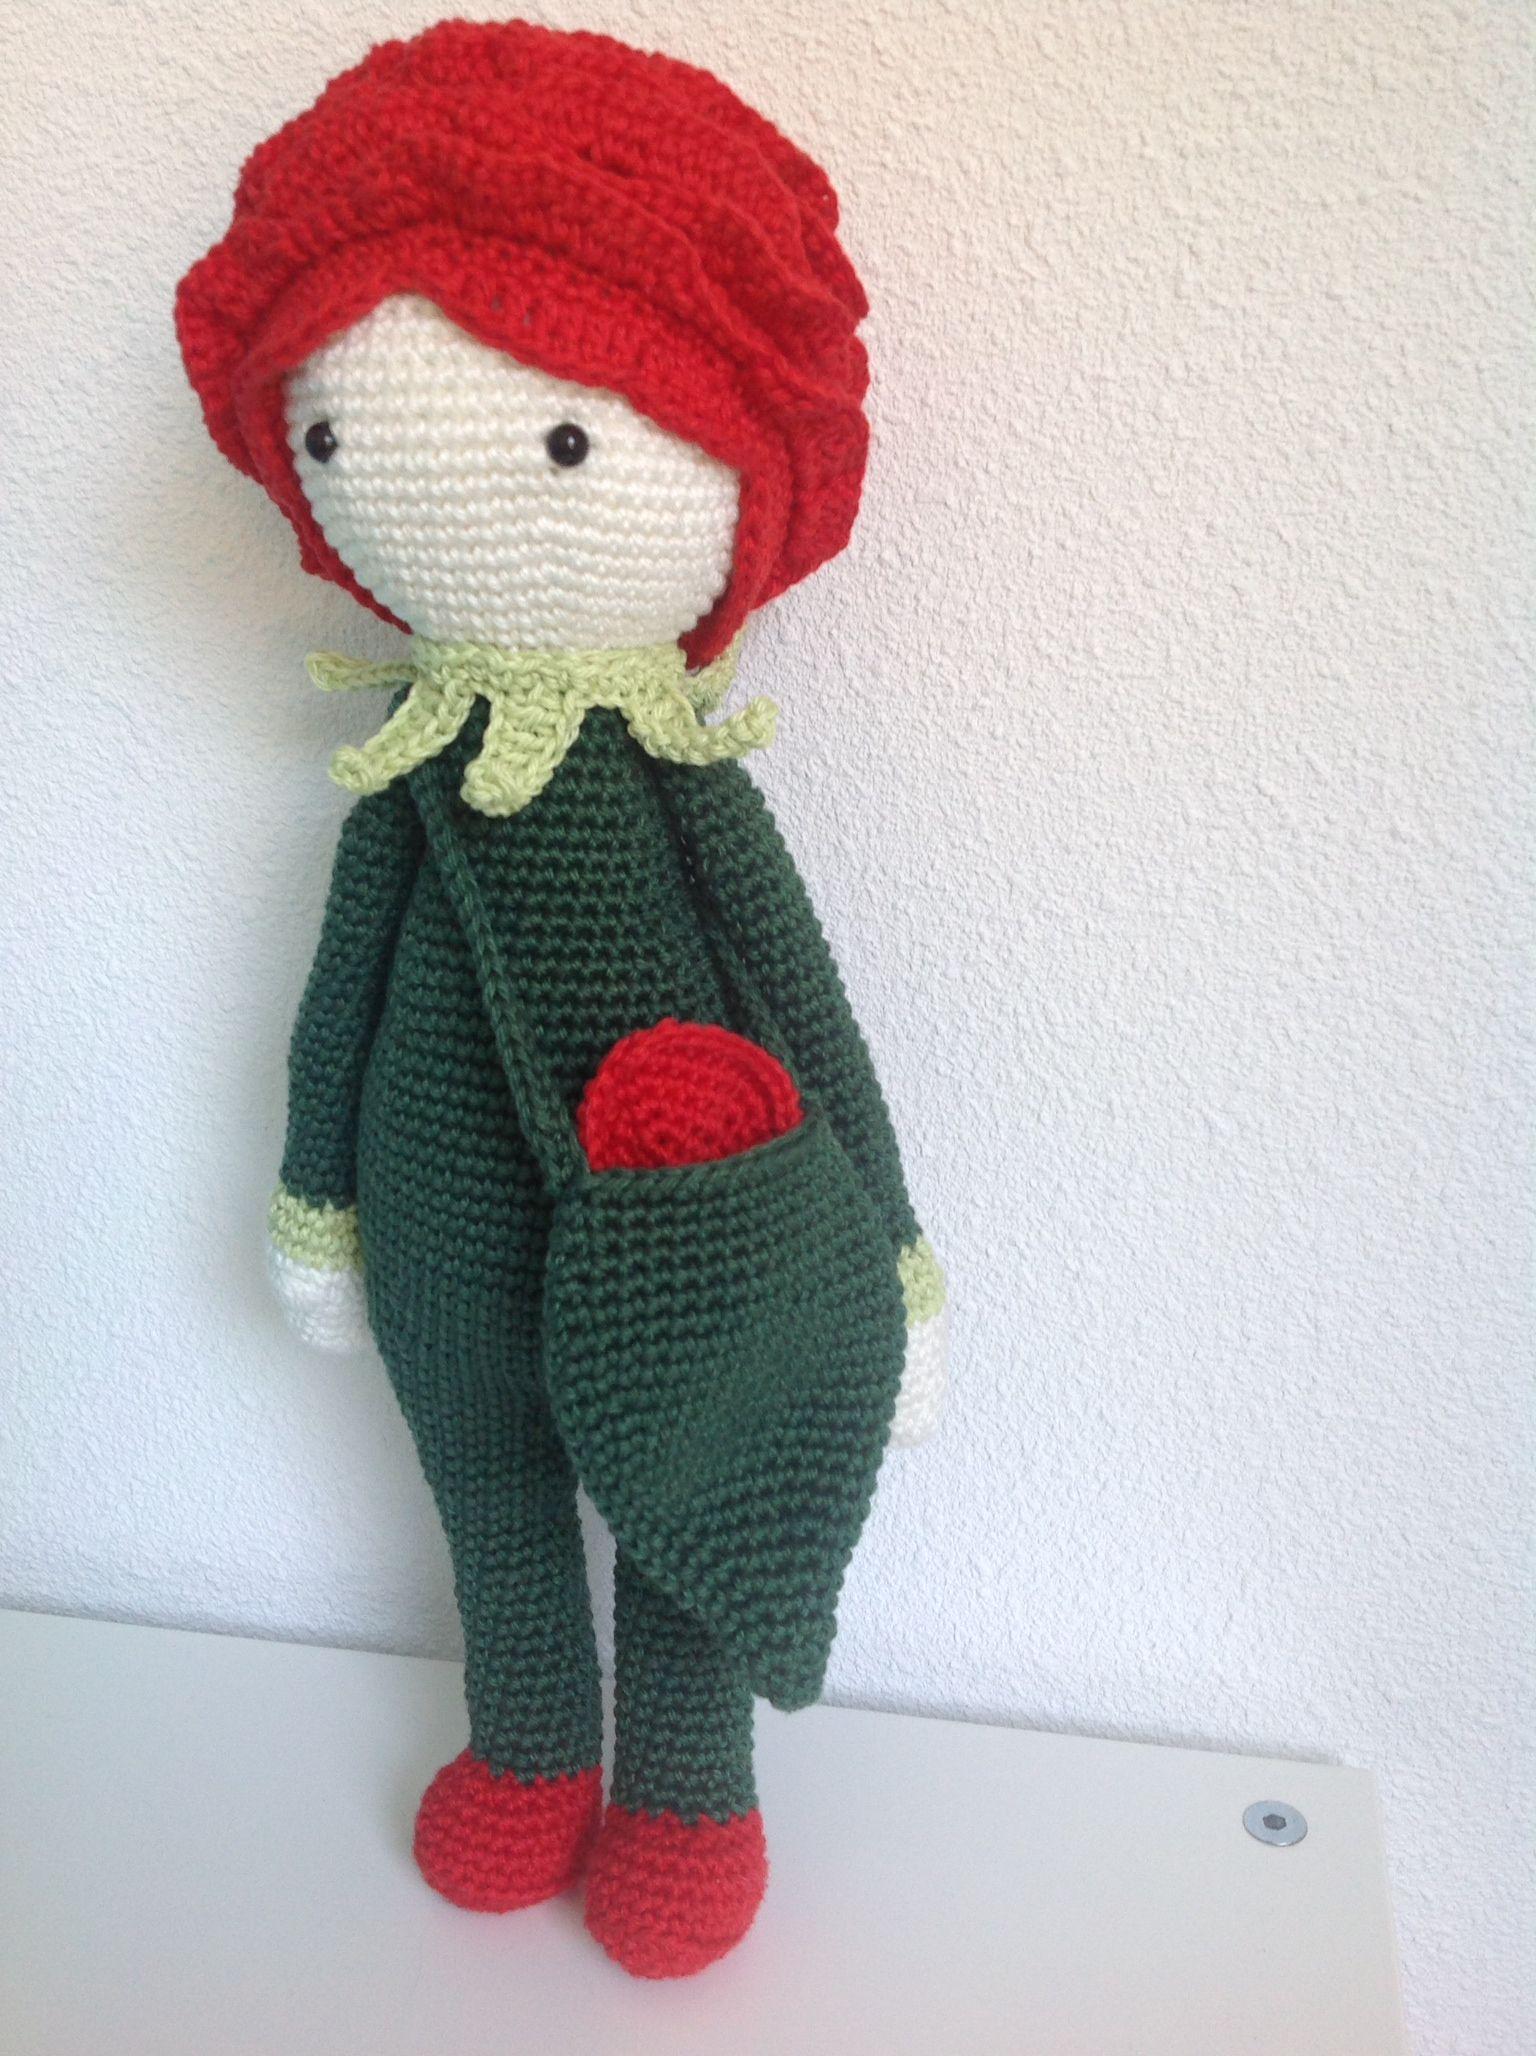 Rose Roxy by Natalie van D / pattern by Zabbez